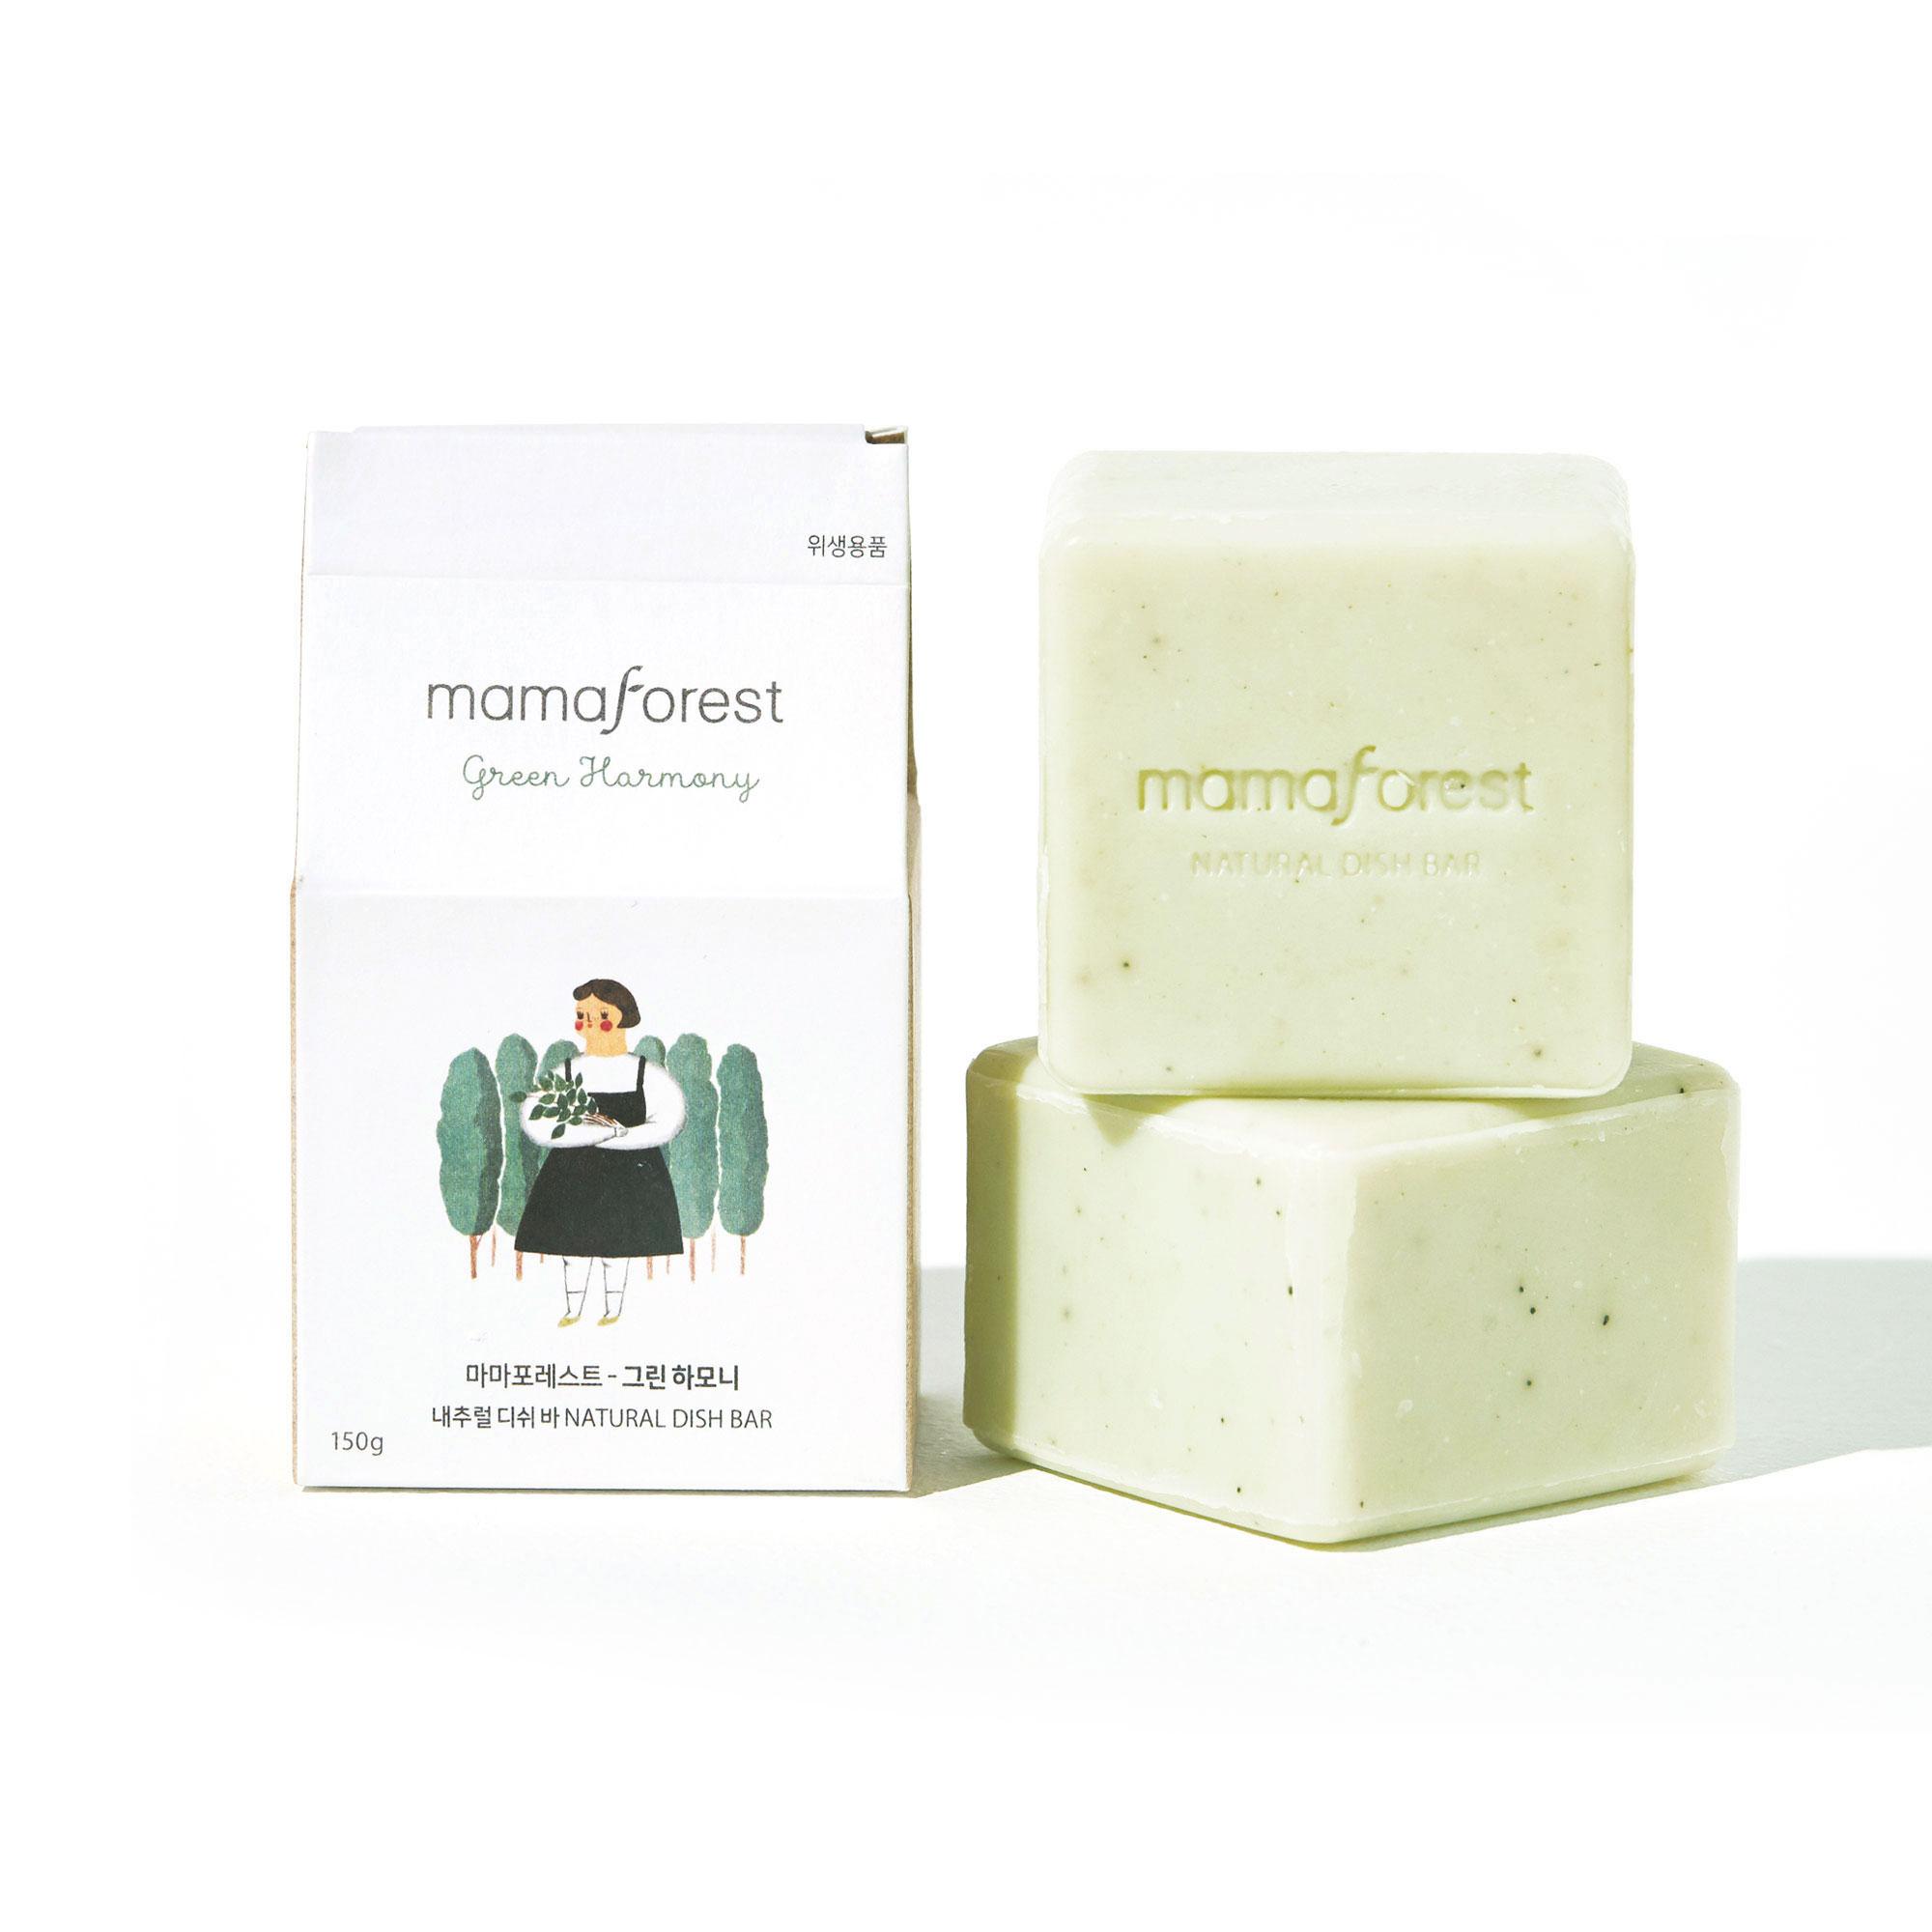 [마마포레스트] 천연주방세제 내추럴 디쉬바 그린하모니